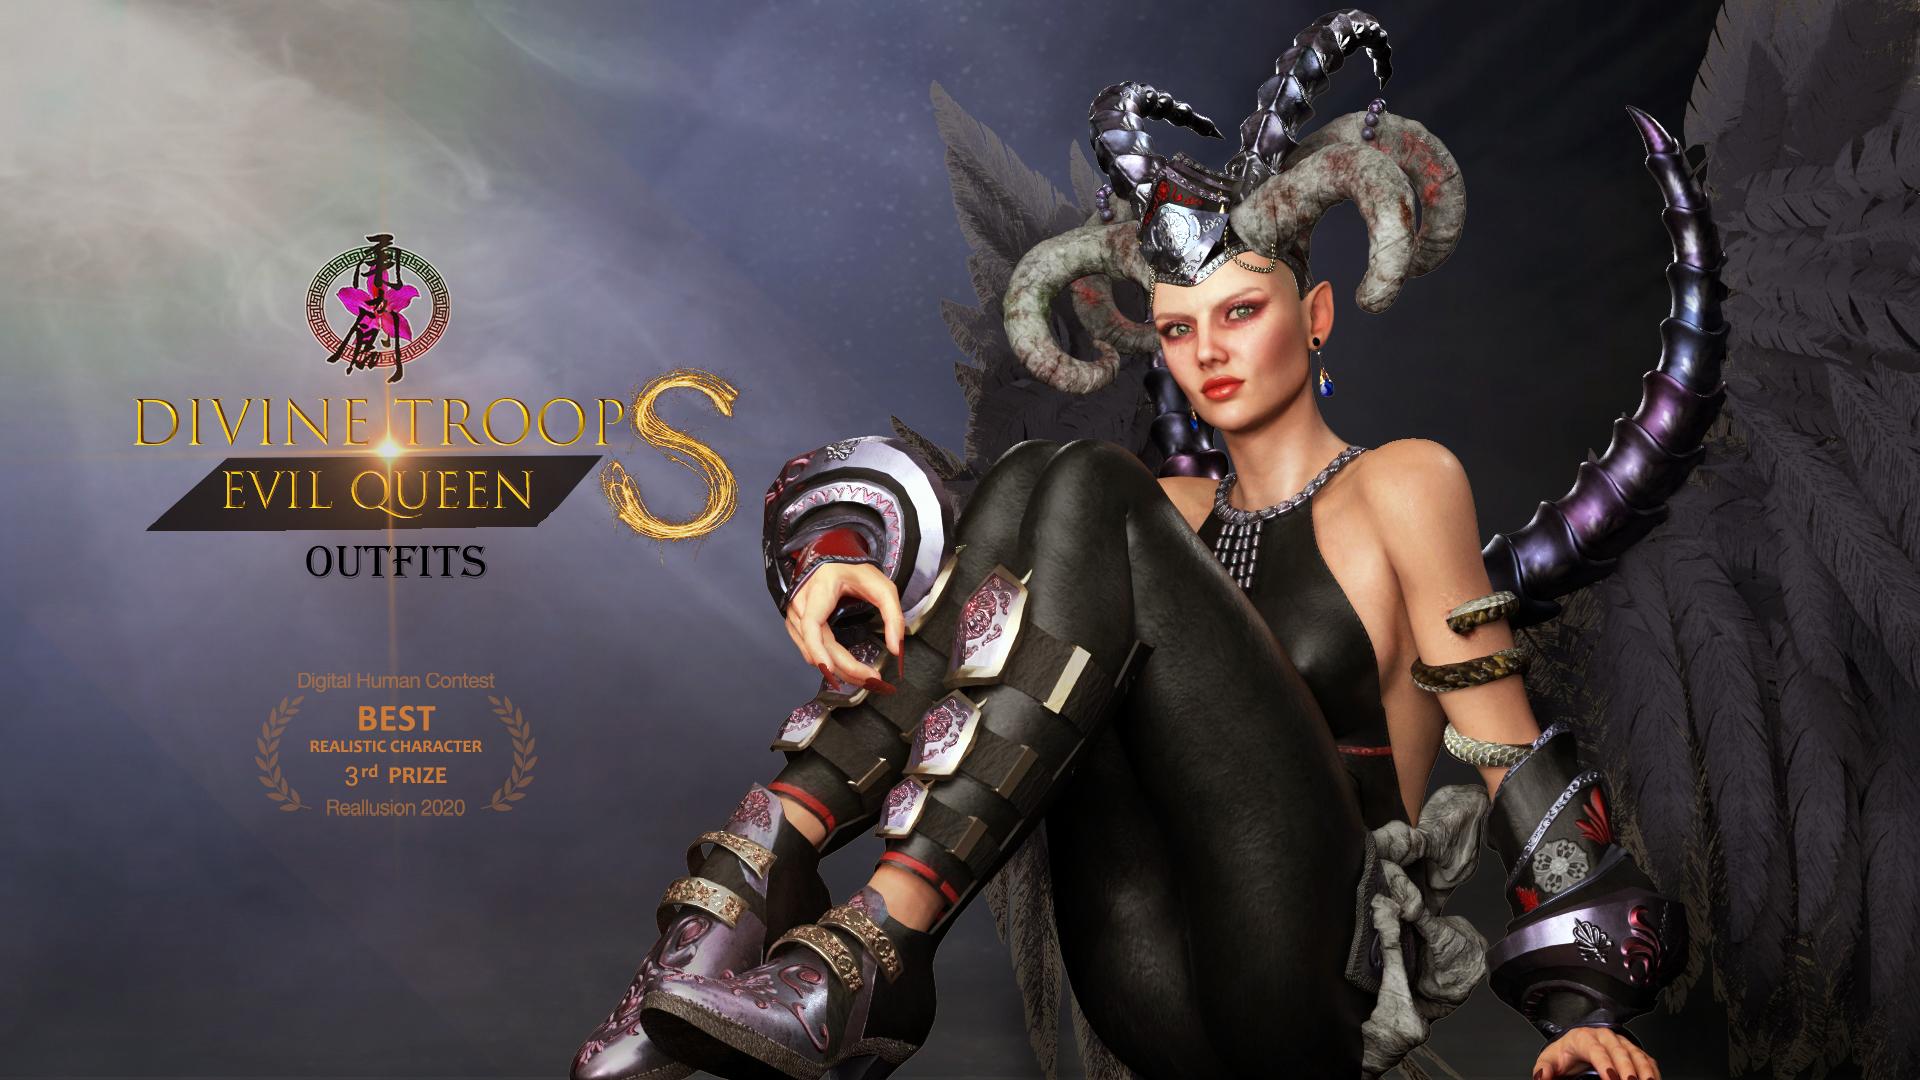 Divine Troop Super - EvilQueen-Poster01.